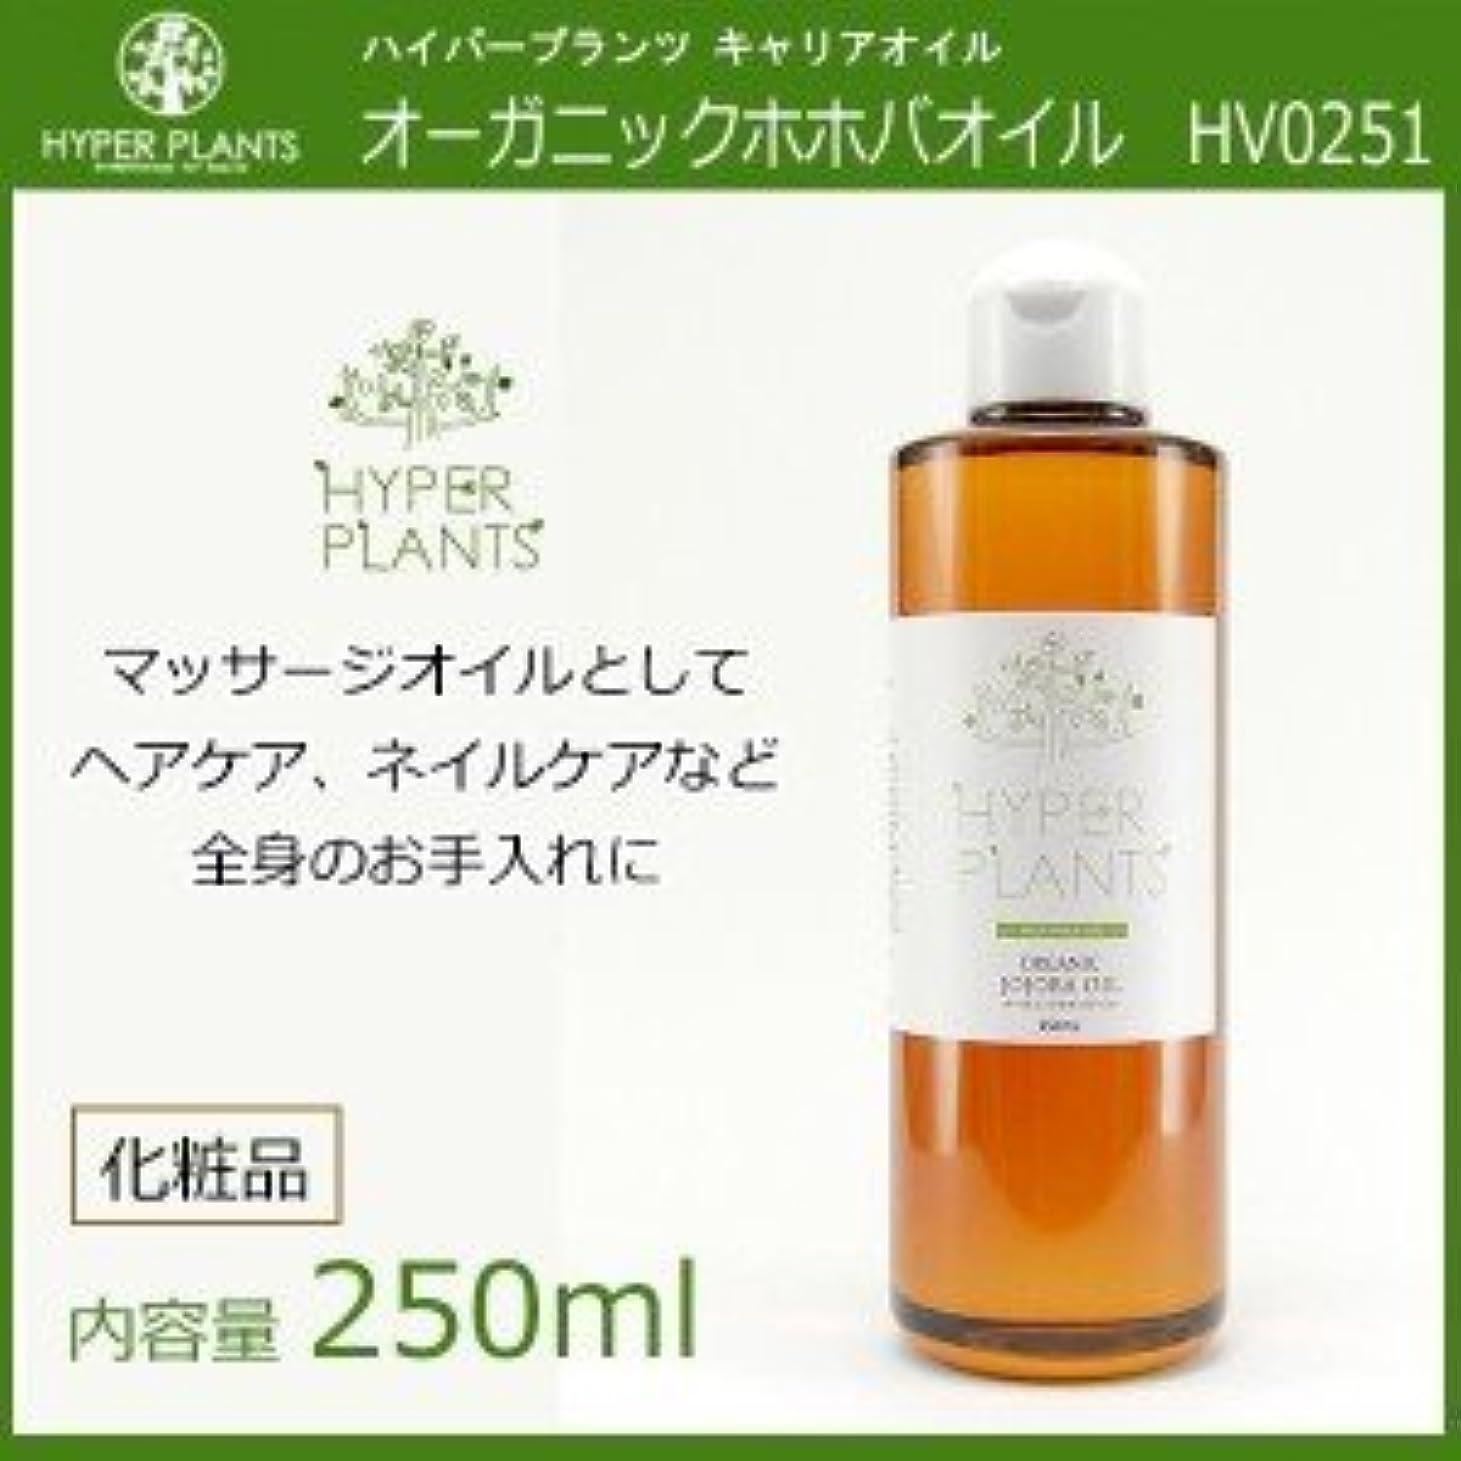 マティス雷雨感情HYPER PLANTS ハイパープランツ キャリアオイル オーガニックホホバオイル 250ml HV0251